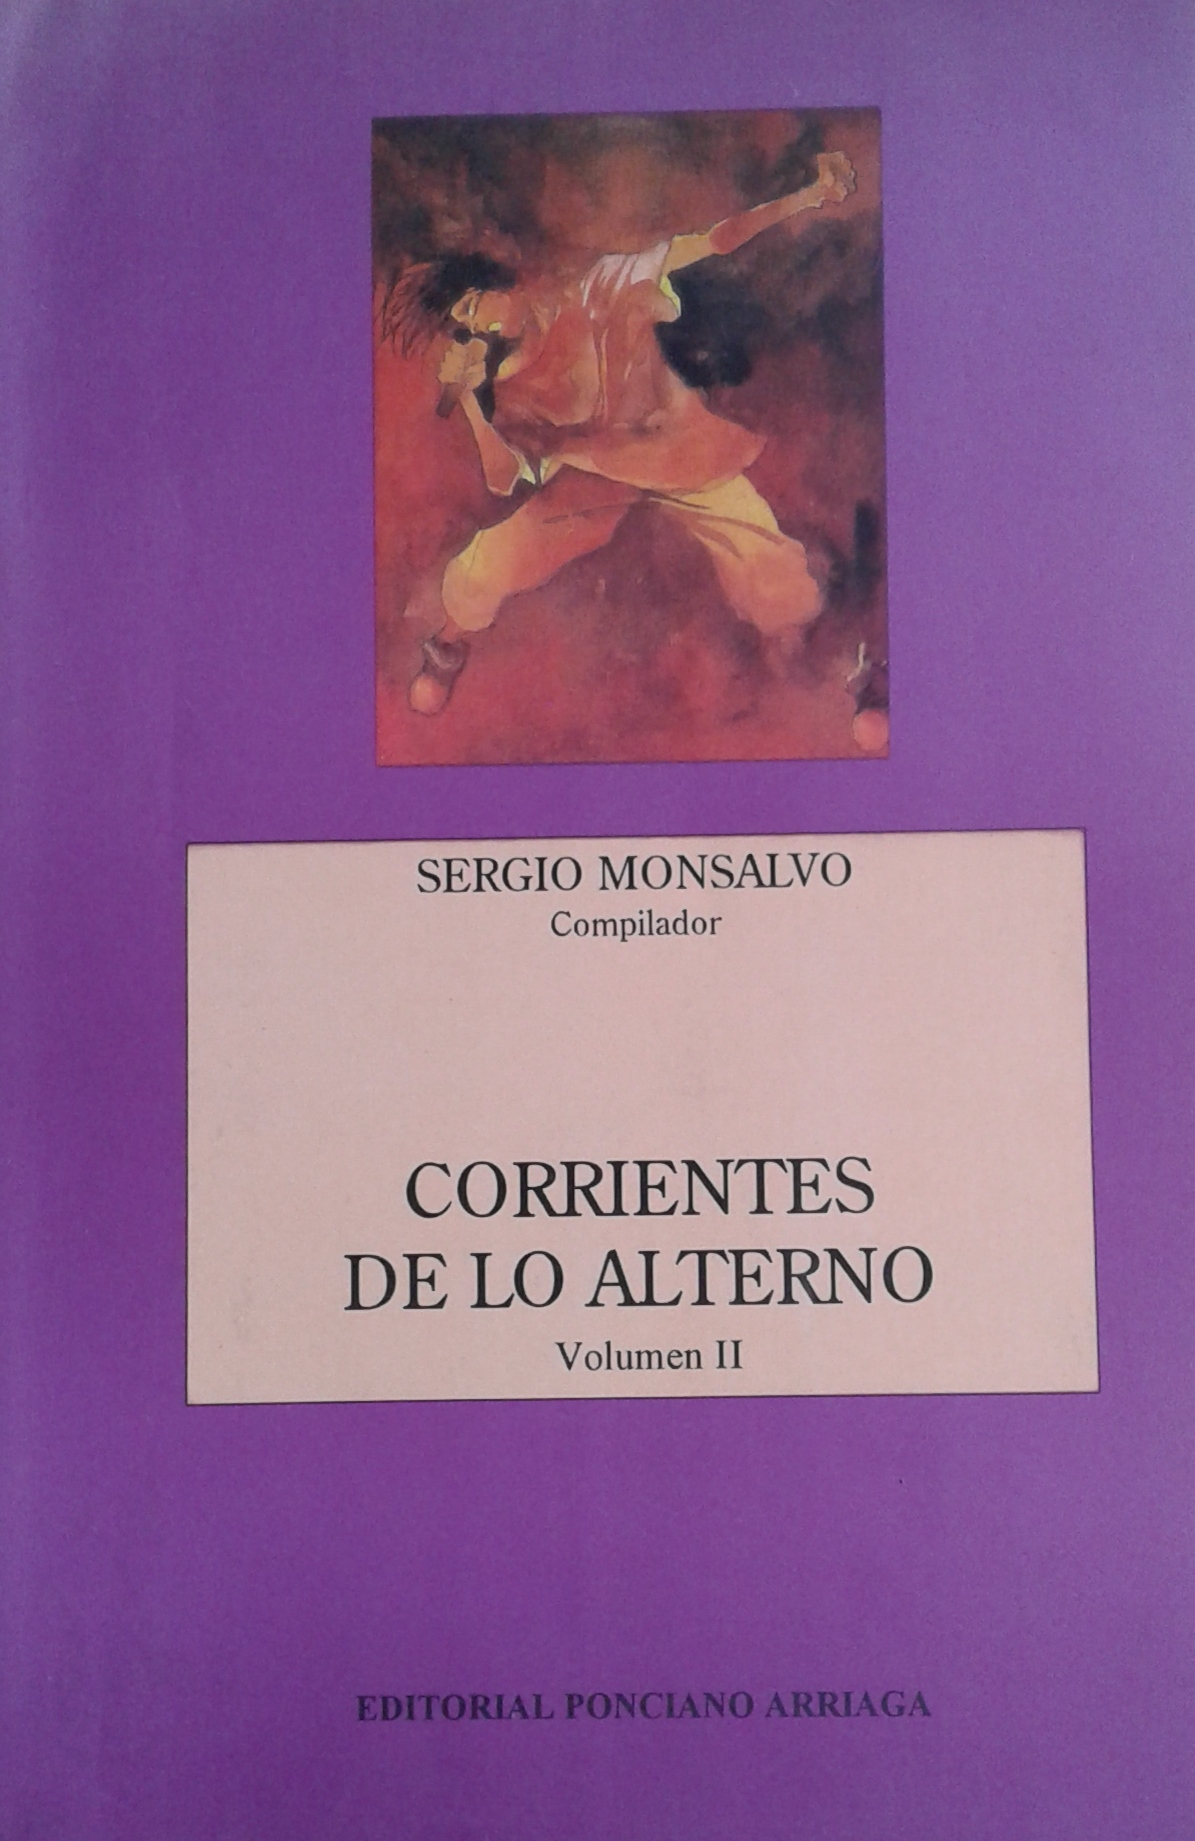 CORRIENTES DE LO ALTERNO VOL. II FOTO 1